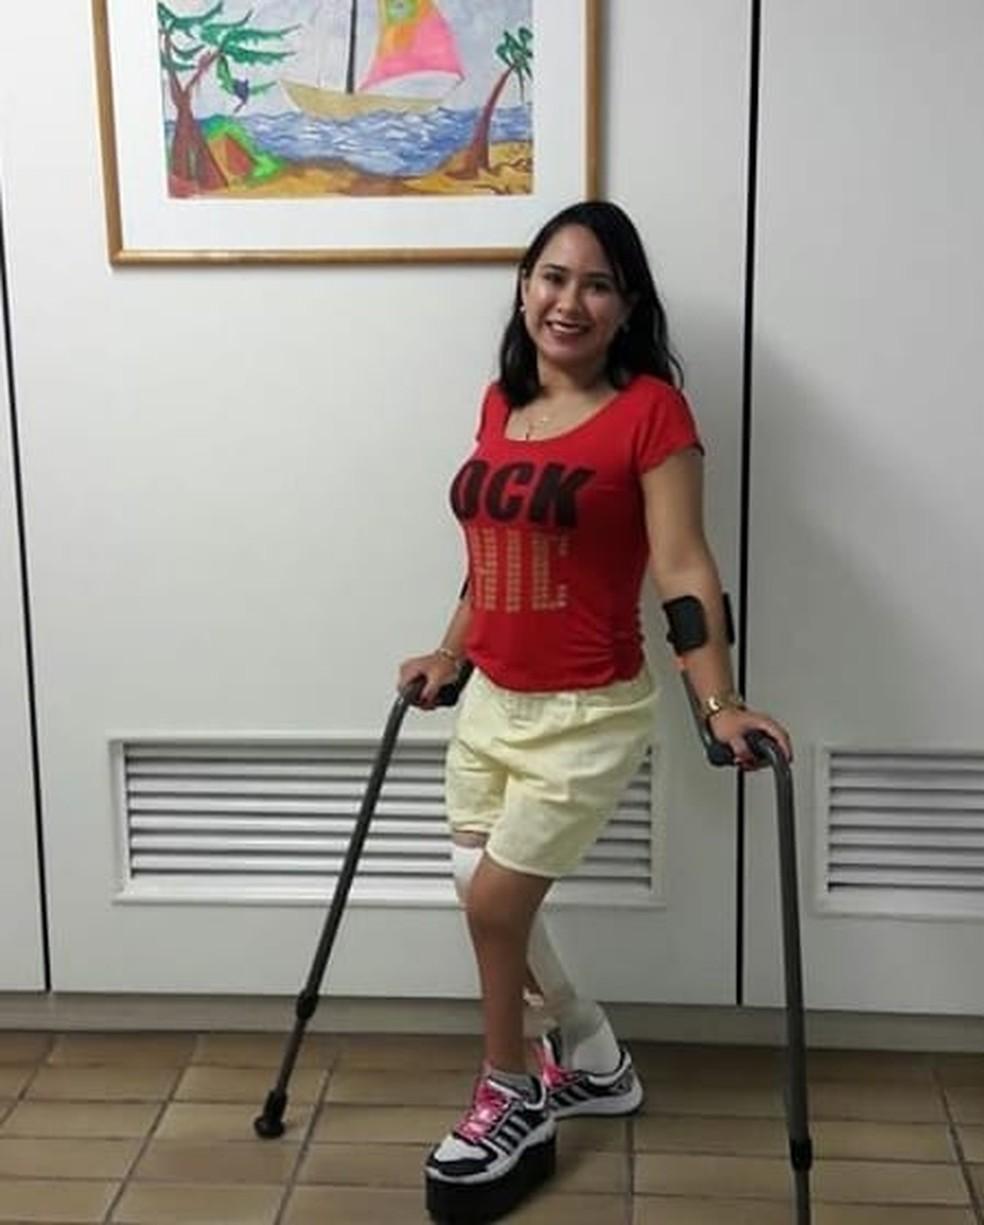 Narayana Moura faz o tratamento o Hospital Sarah Kubitschek desde os dois meses de idade — Foto: Narayana Moura/Arquivo pessoal